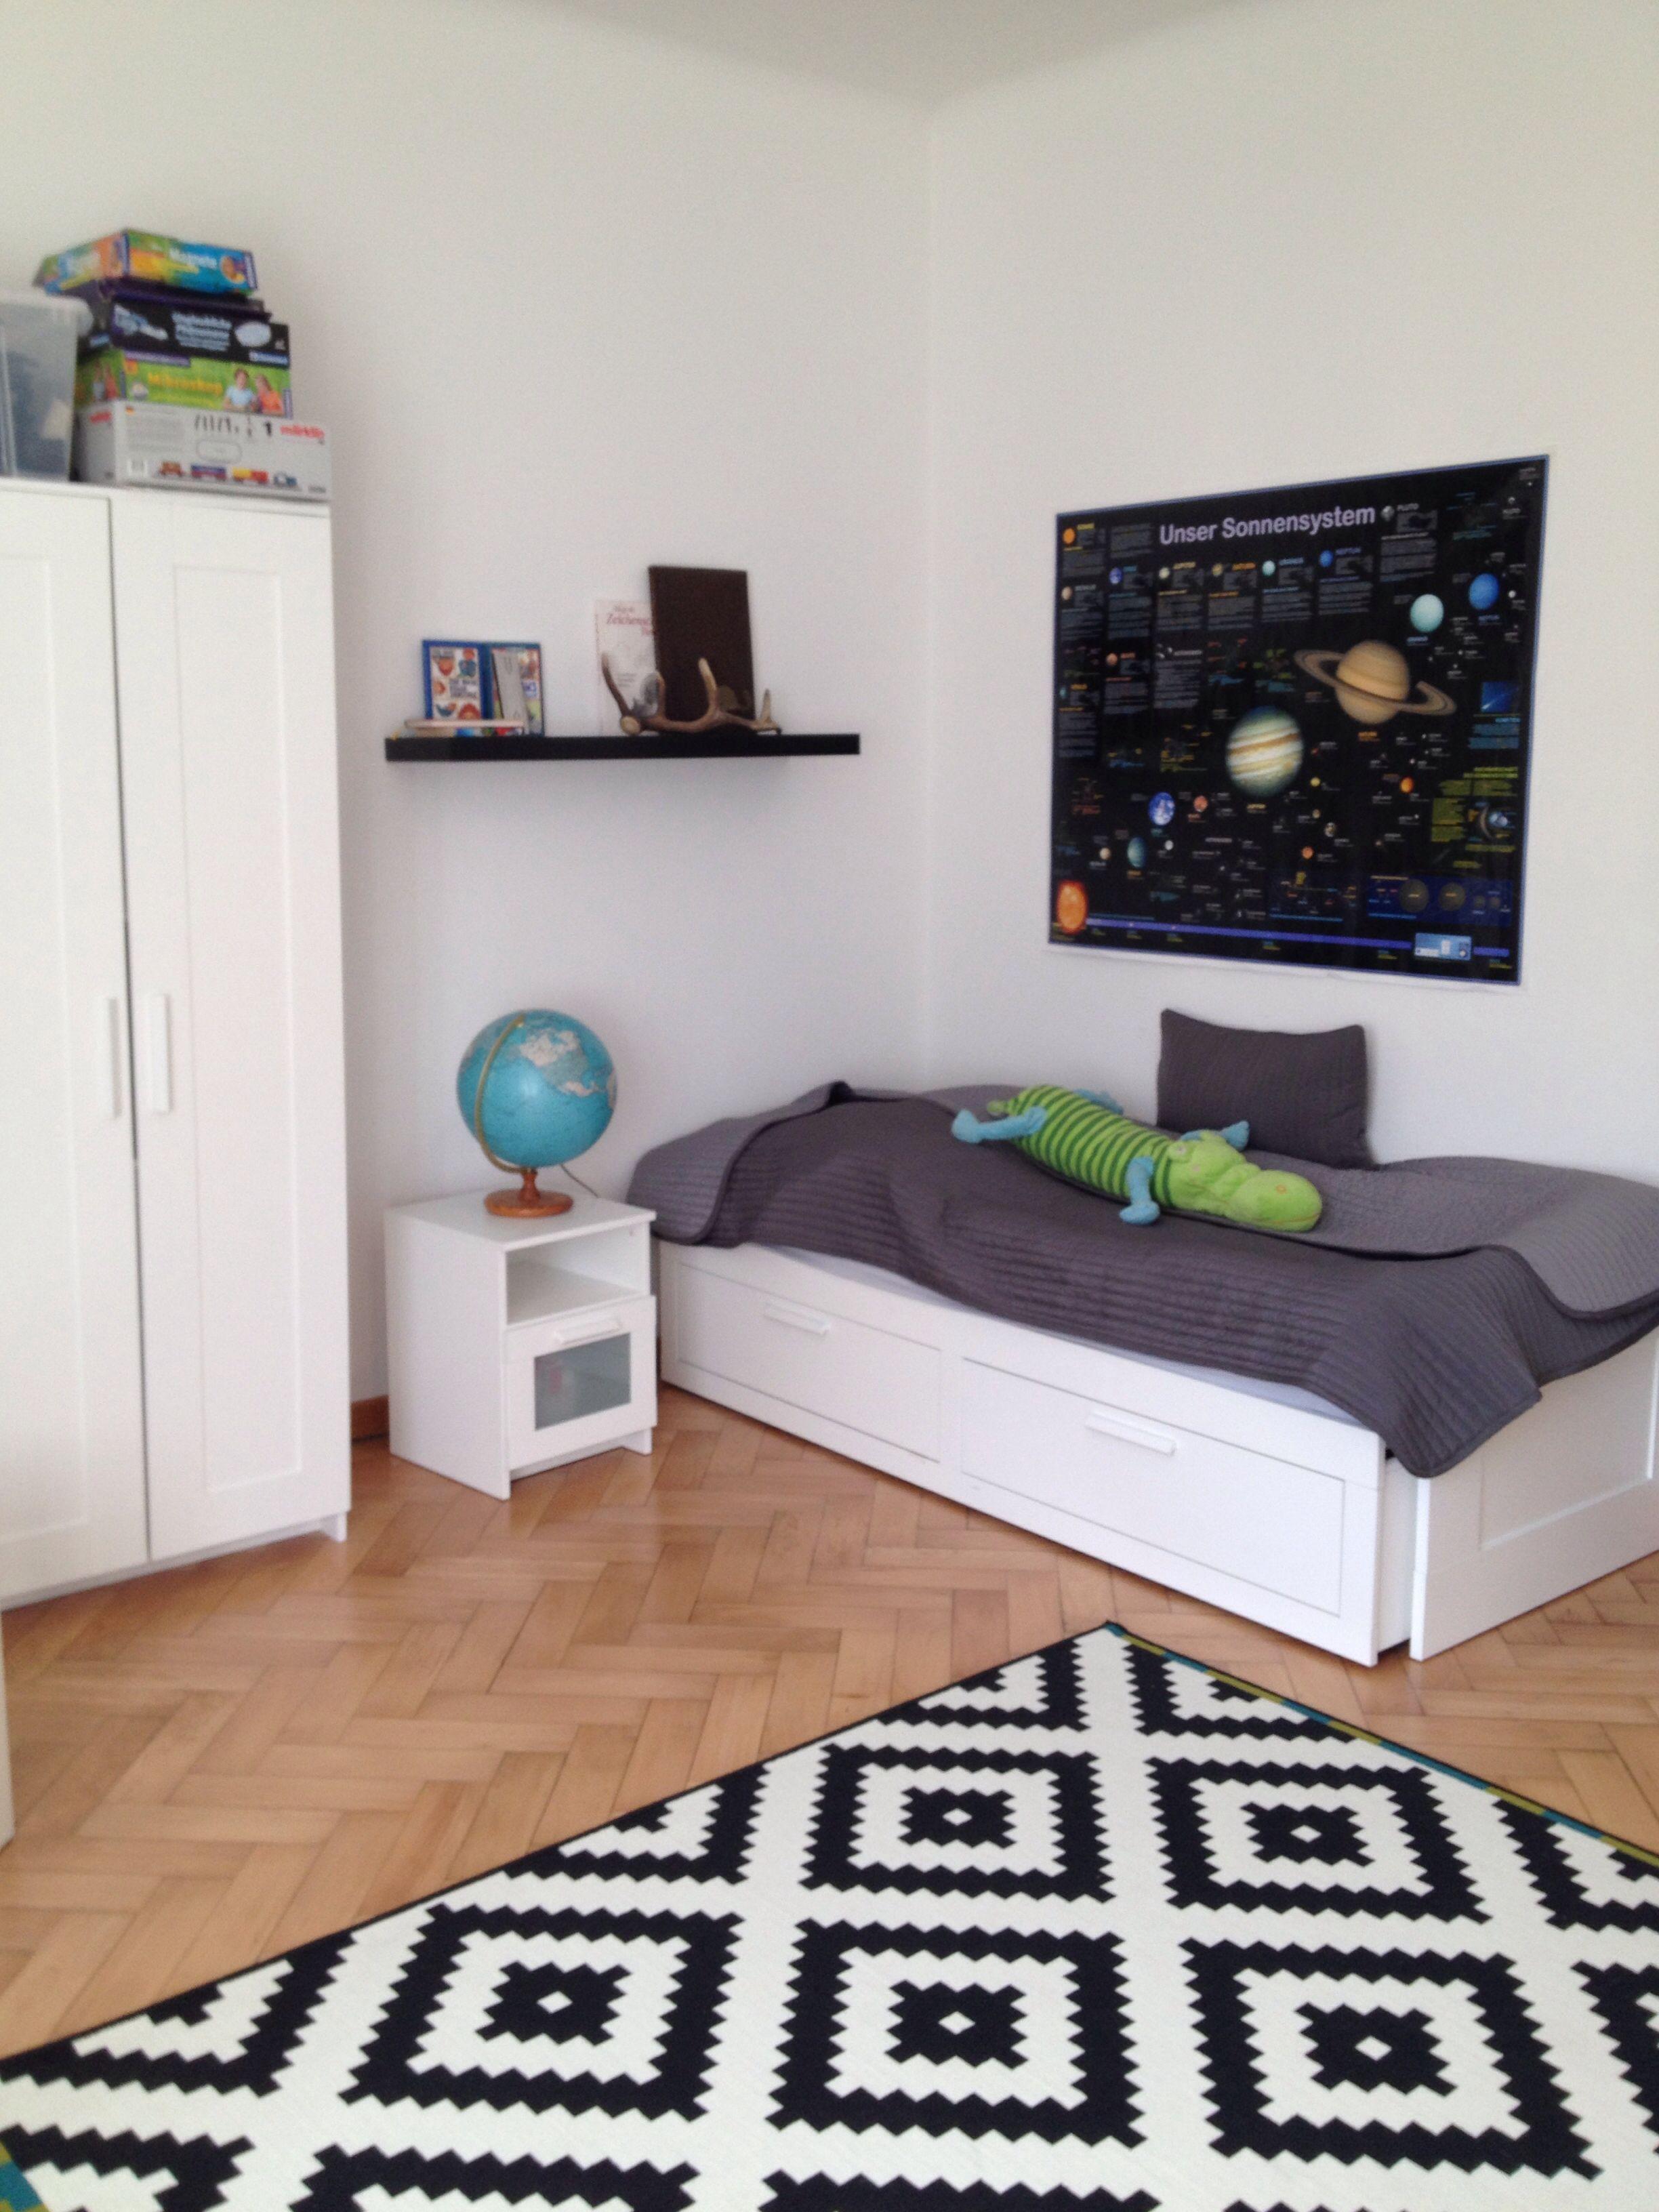 Jugendzimmer Kinderzimmer #altbau   Daheim*- Altbau Wohnung ...